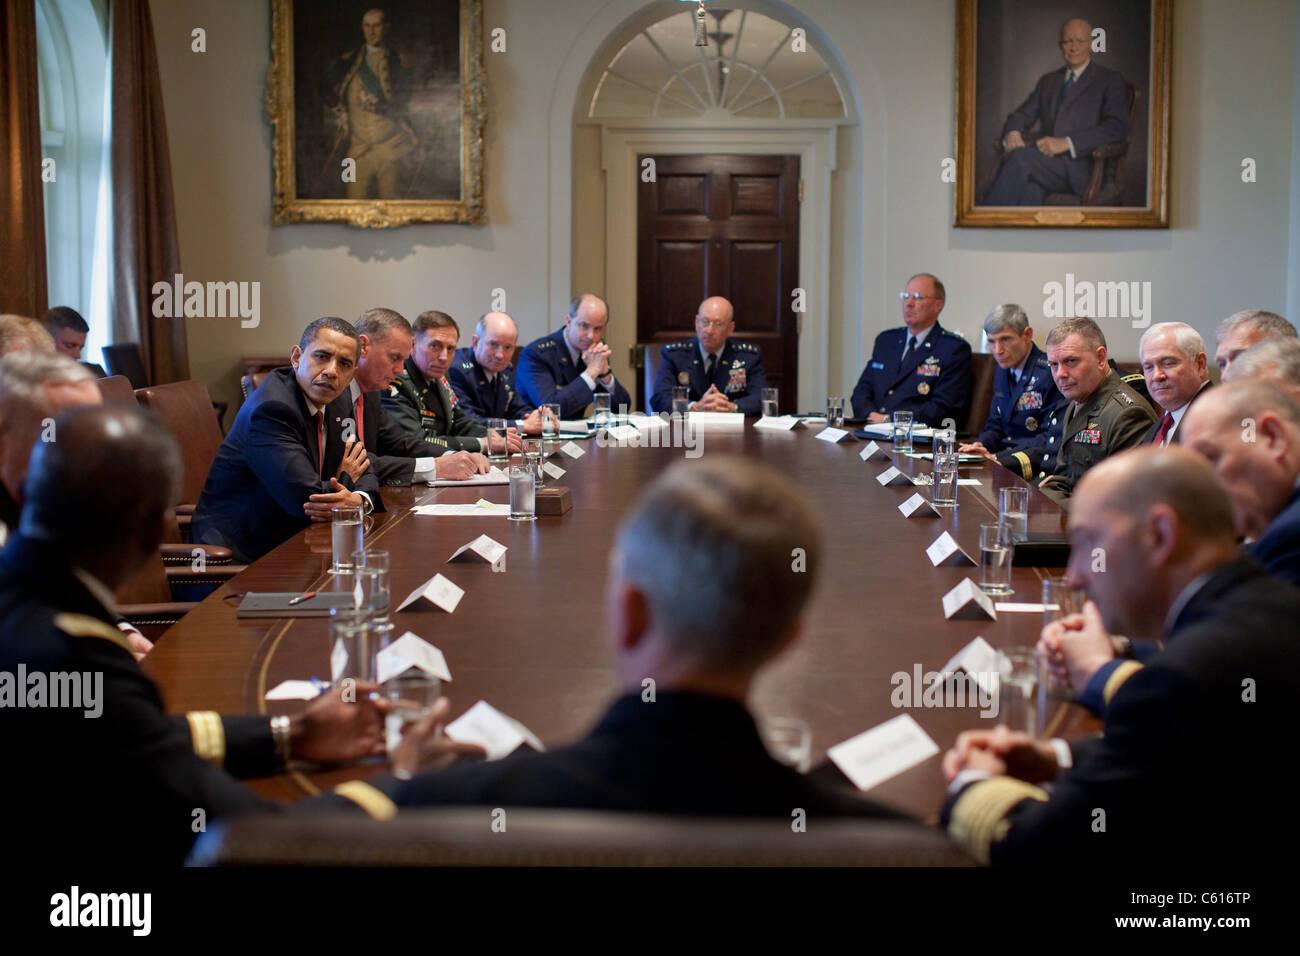 Präsident Obama trifft sich mit Kampf Kommandanten in der Cabinet Room des weißen Hauses. 24. März Stockbild